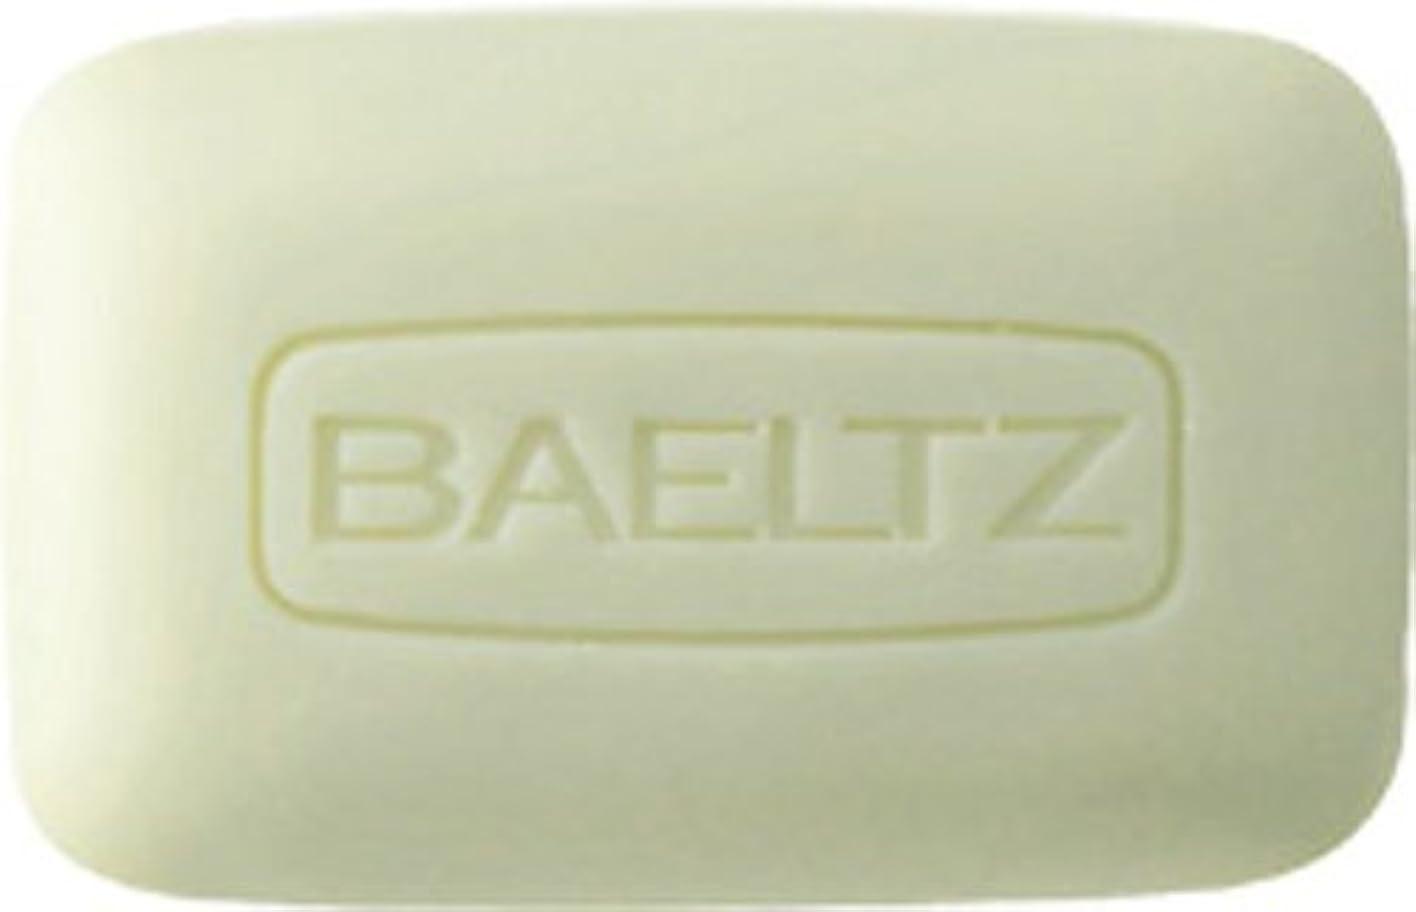 雰囲気赤外線誕生日ドクターベルツ(Dr.BAELTZ) モイスチュアソープ DN 80g(洗顔石けん)